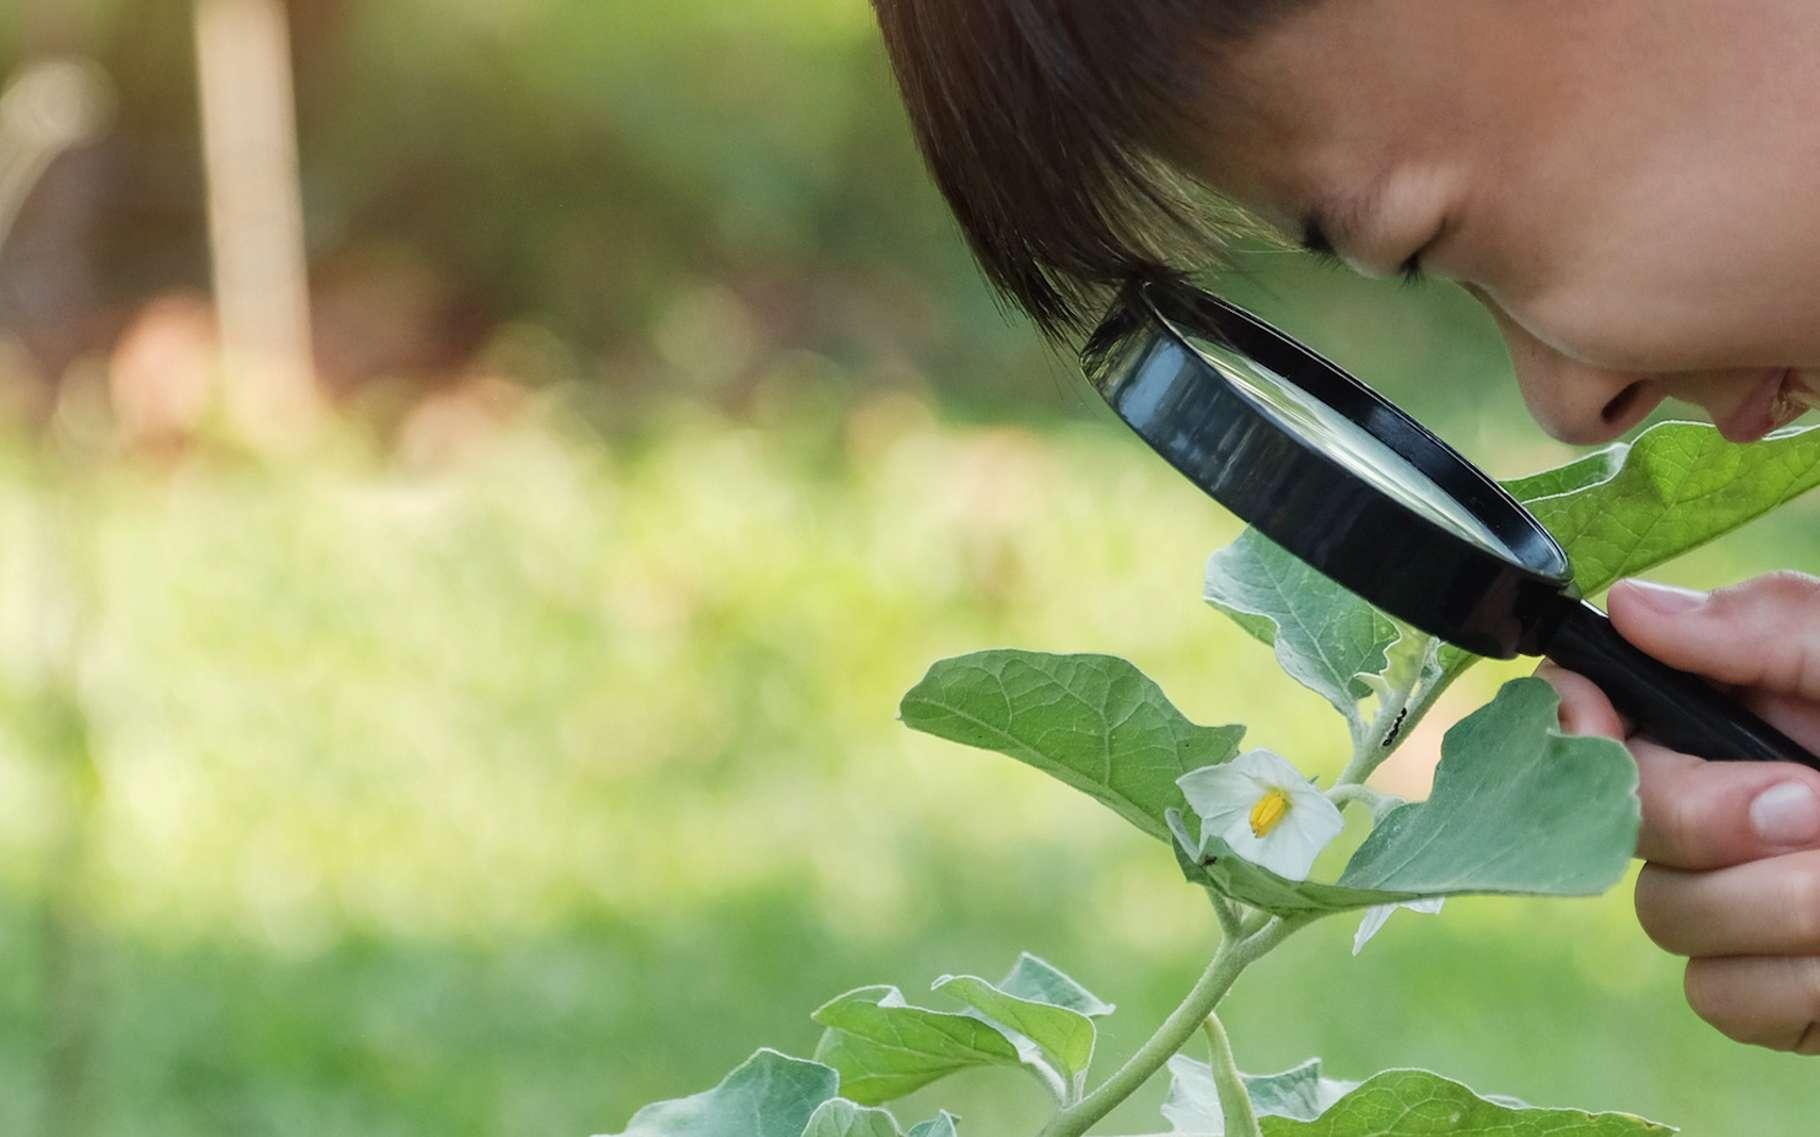 Partir pour une balade à la découverte des plantes sauvages d'une région. Une idée de vacances aux couleurs scientifiques valable même pour les petits budgets puisque, un peu partout en France, des associations locales œuvrent ainsi pour la valorisation du territoire qu'elles animent. © sewcream, Fotolia